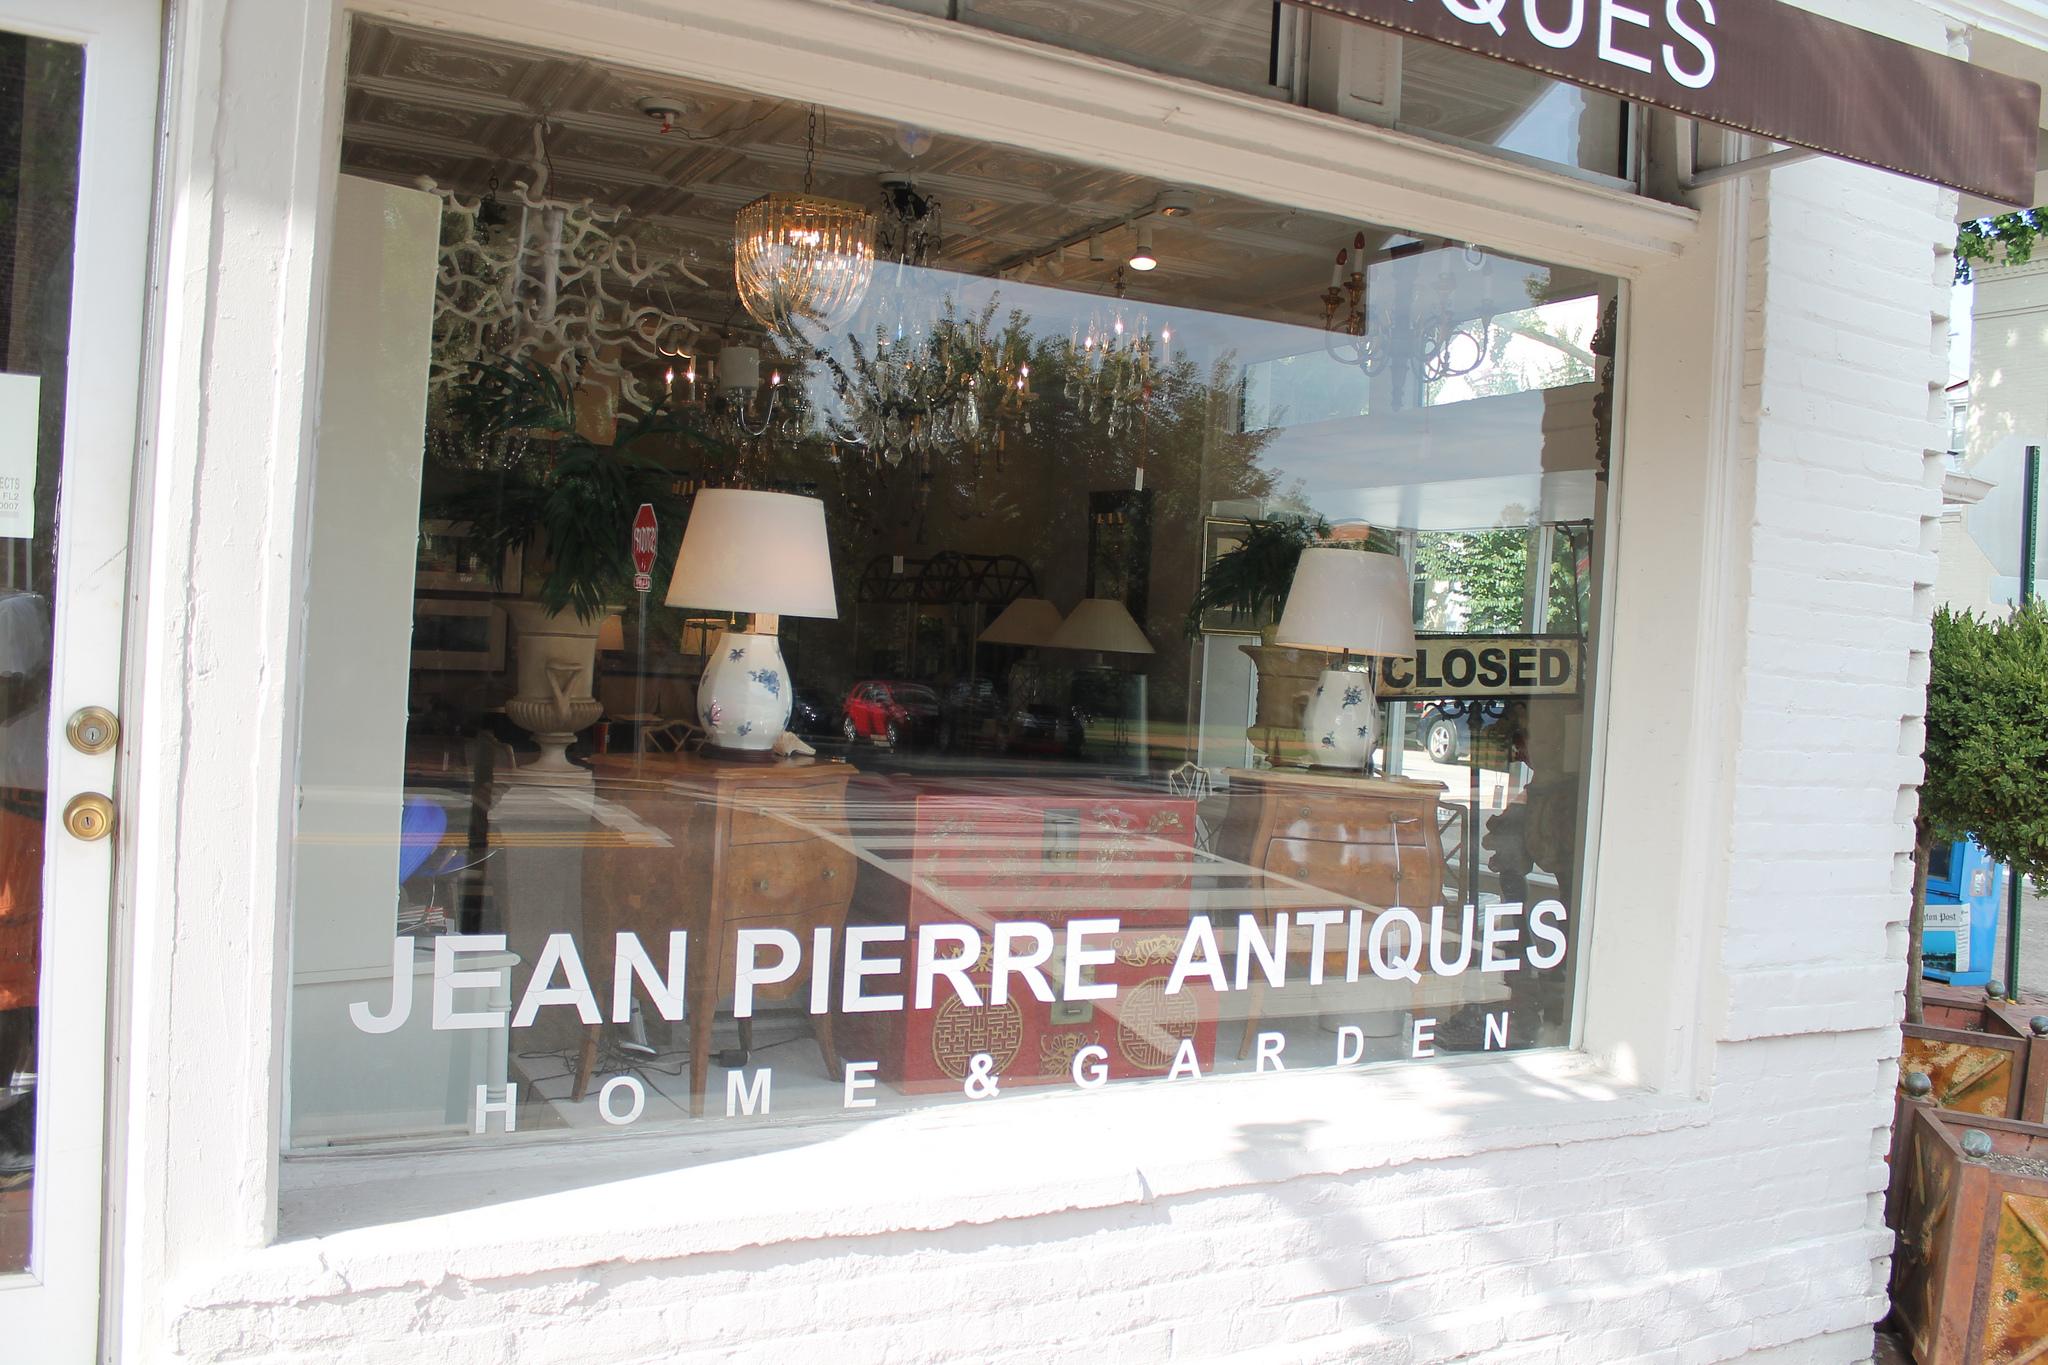 Jean Pierre Antiques